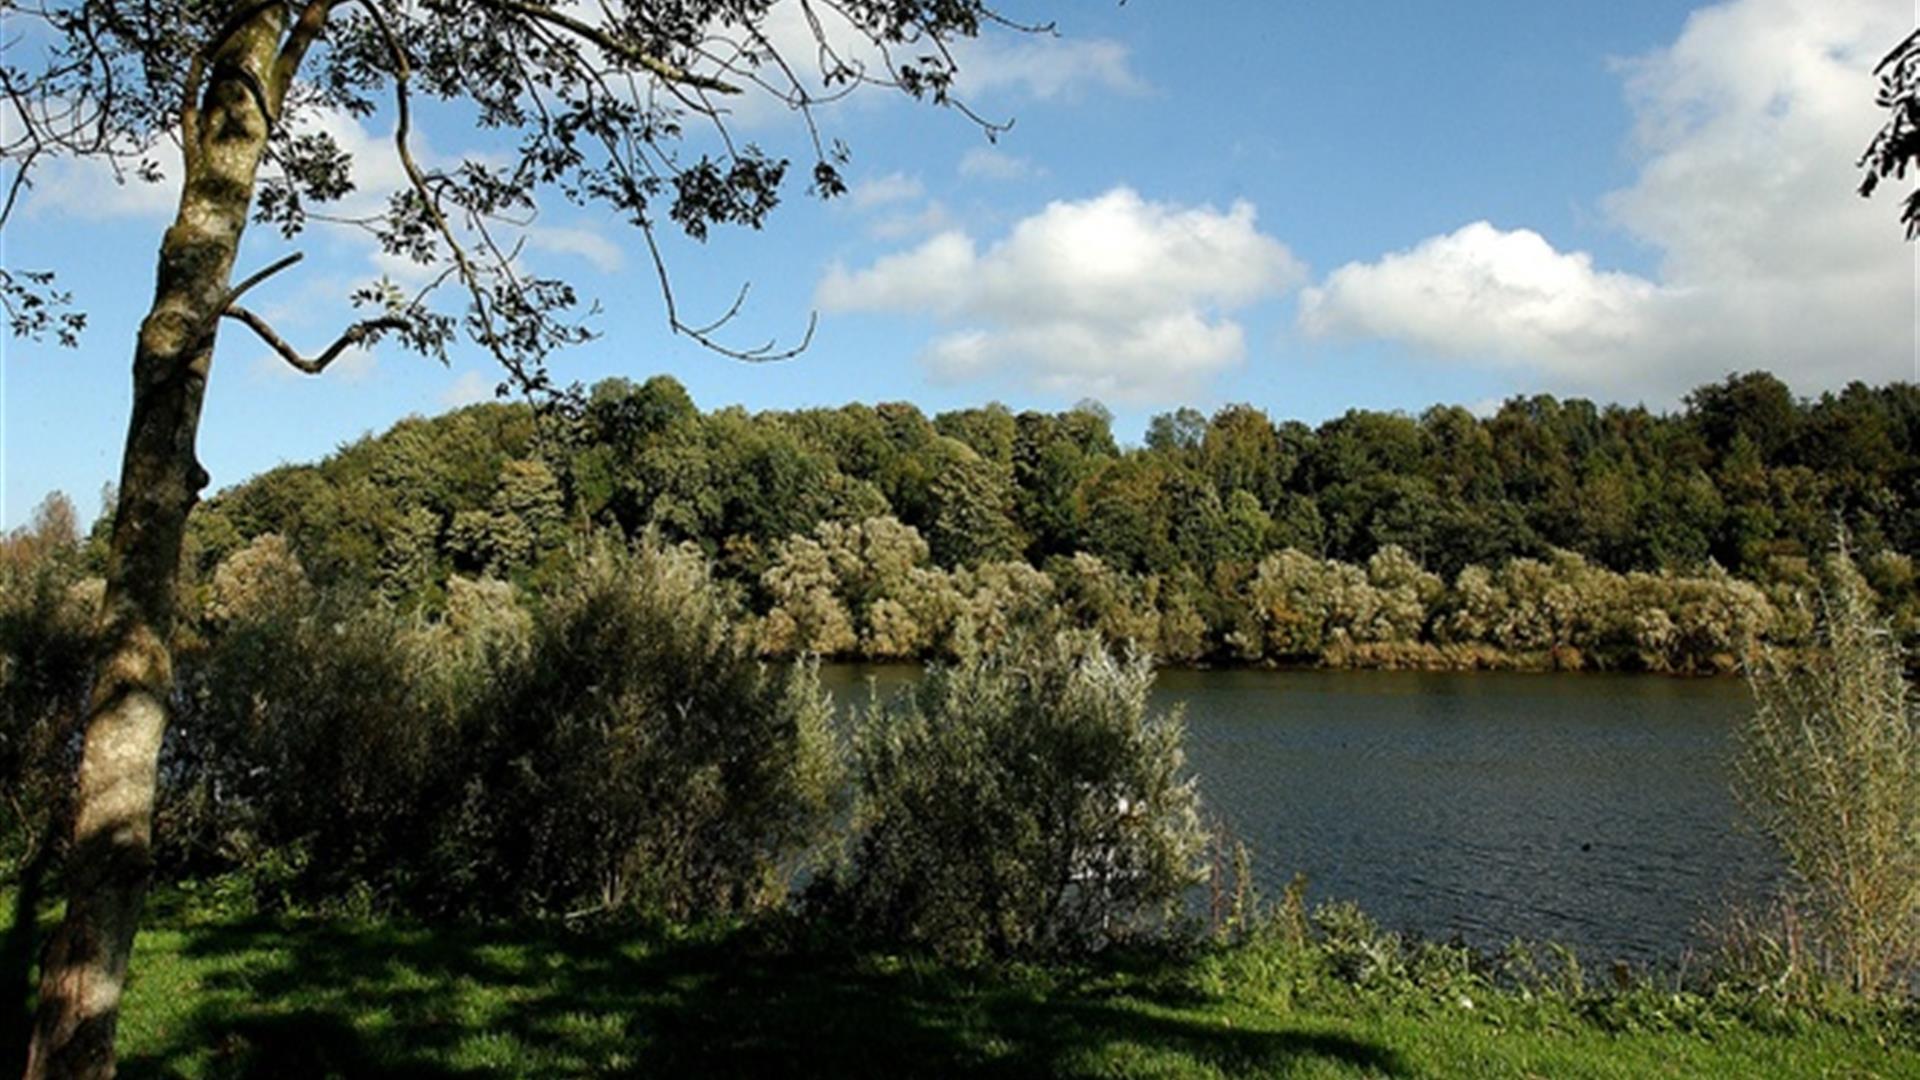 Mountsandel Wood